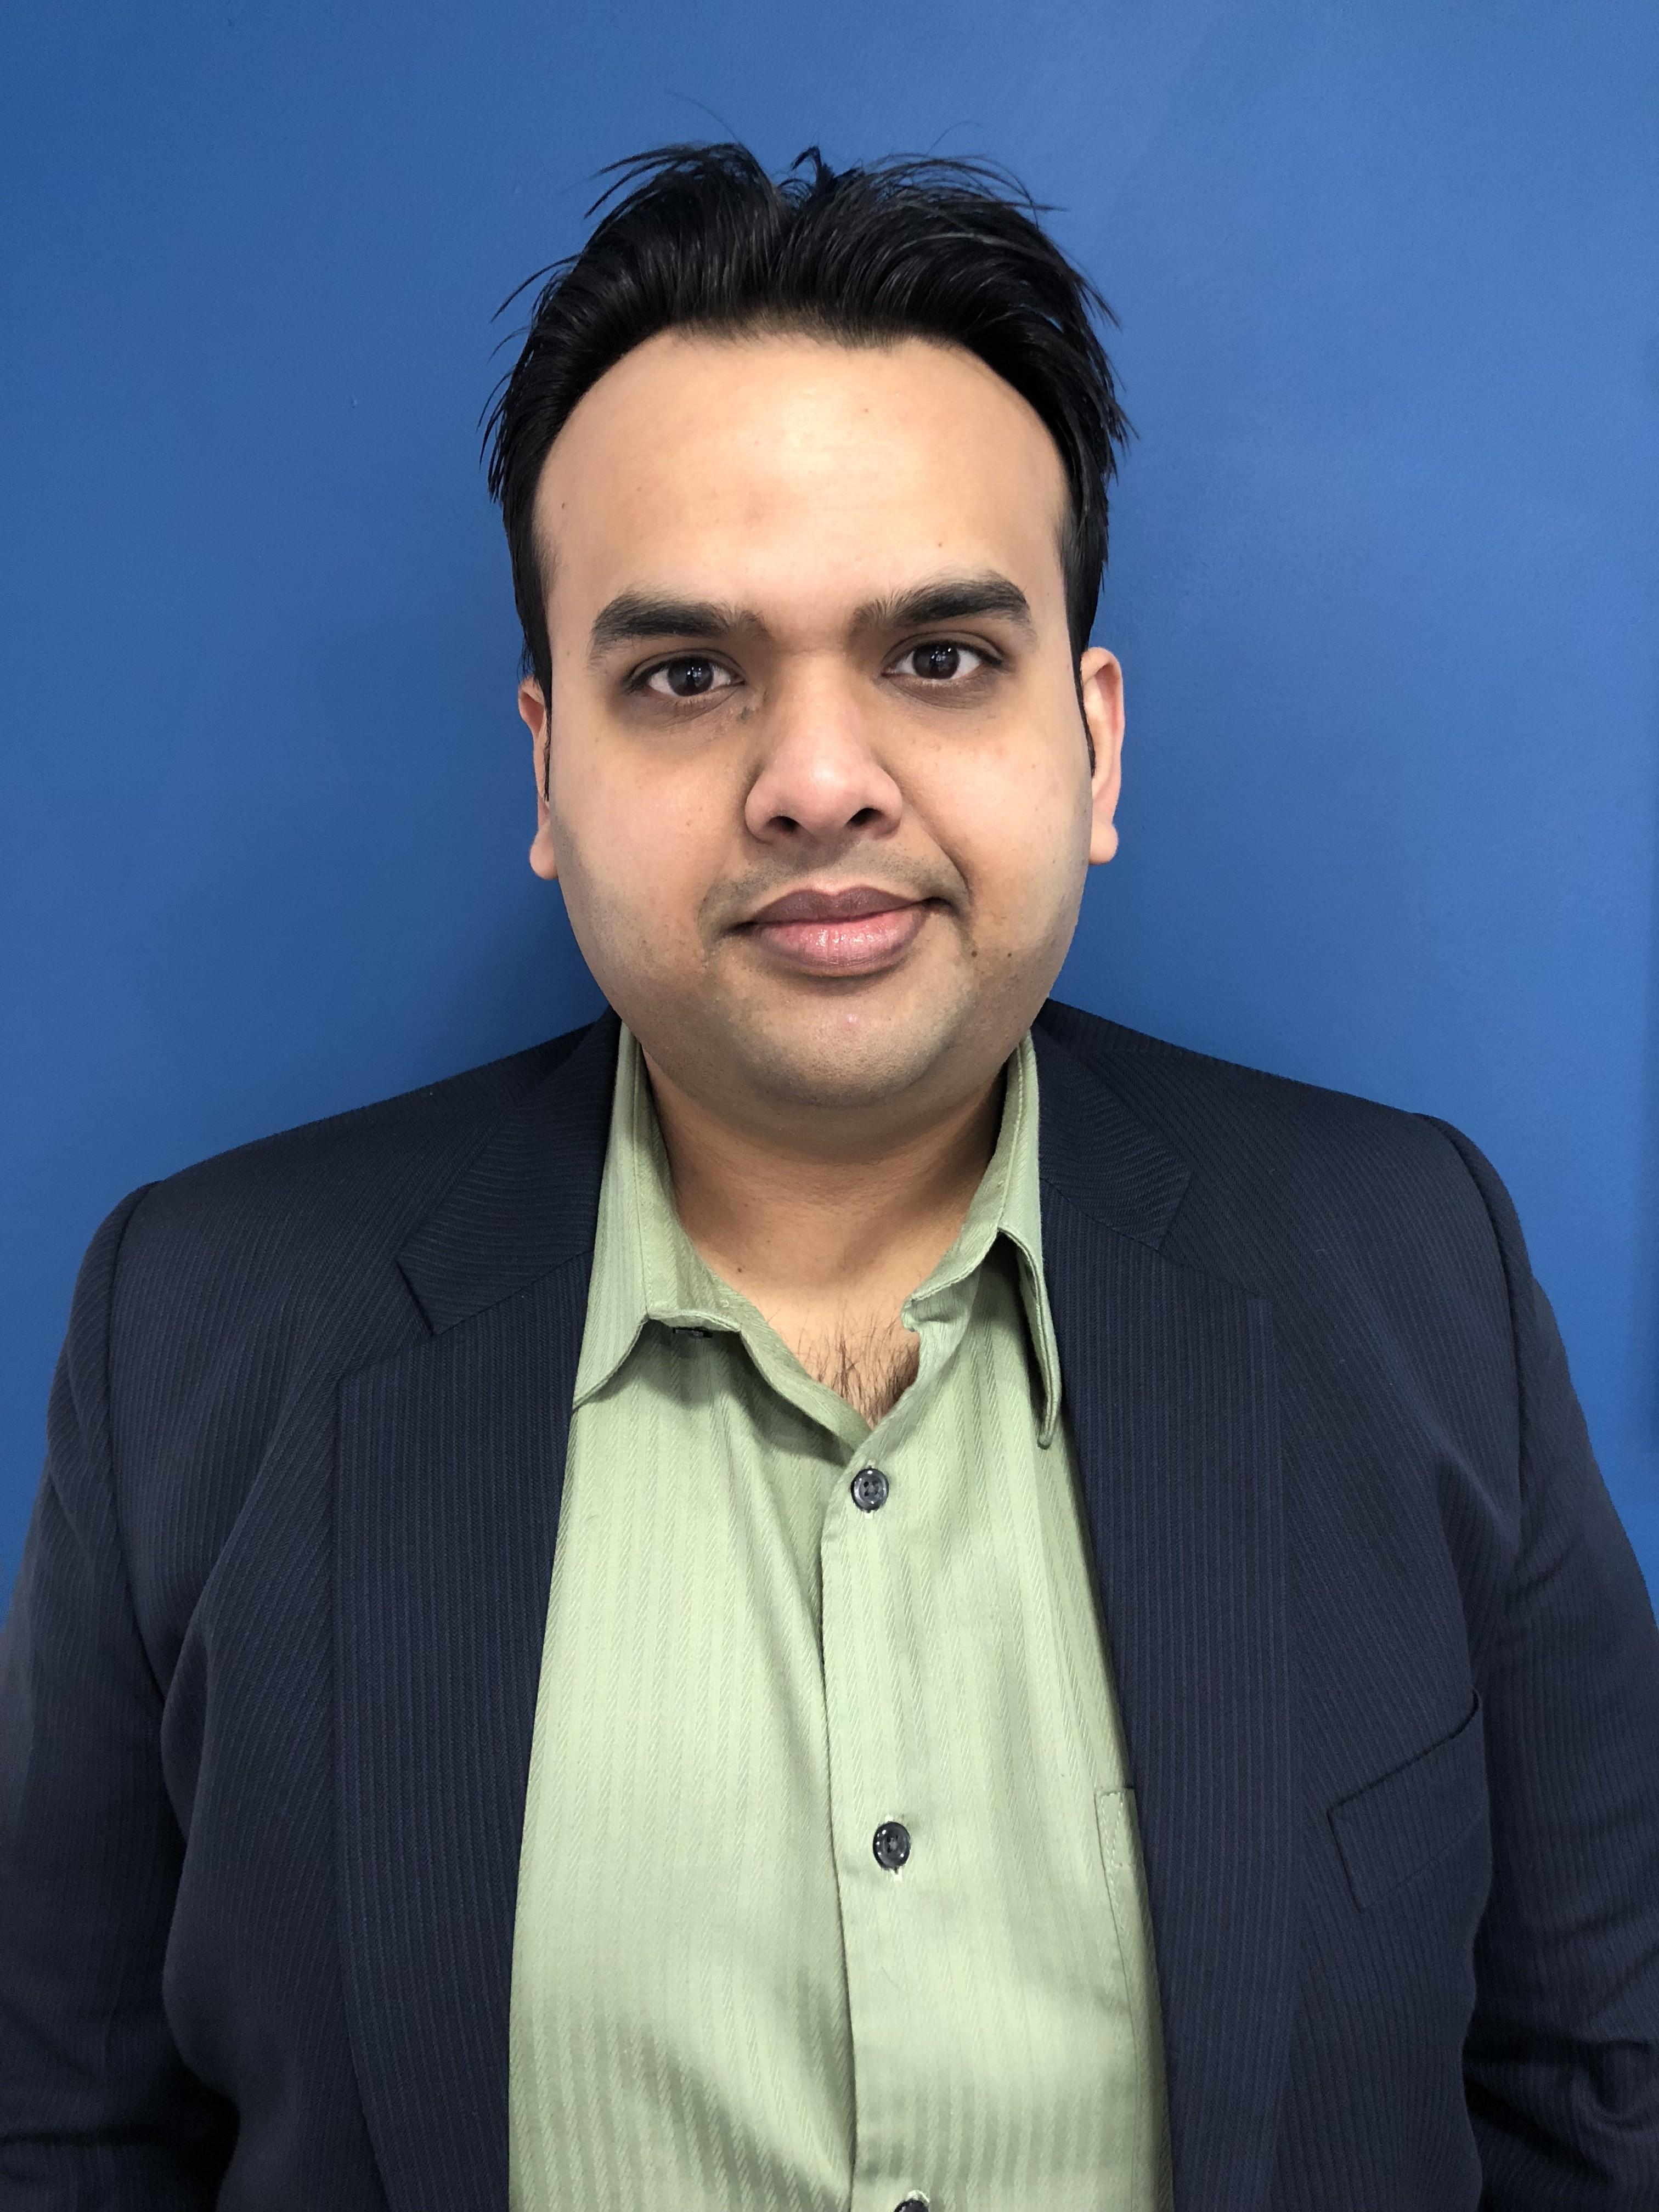 Hamish Gupta